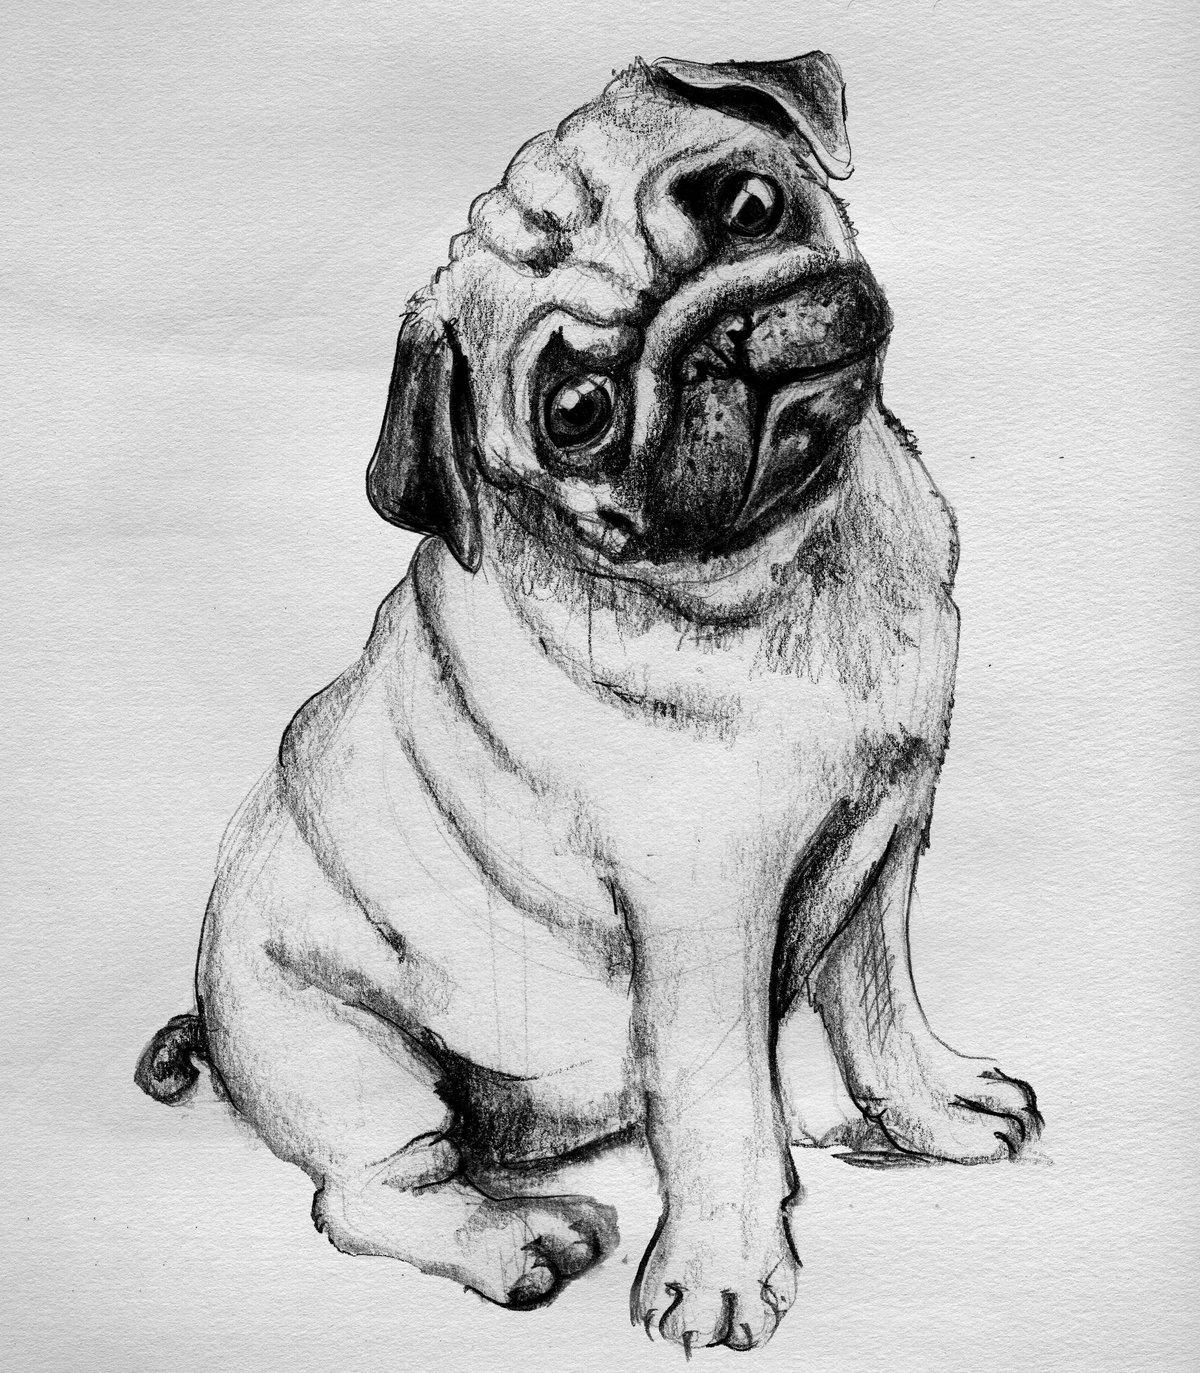 Собаки злой, прикольные картинки собак для срисовки